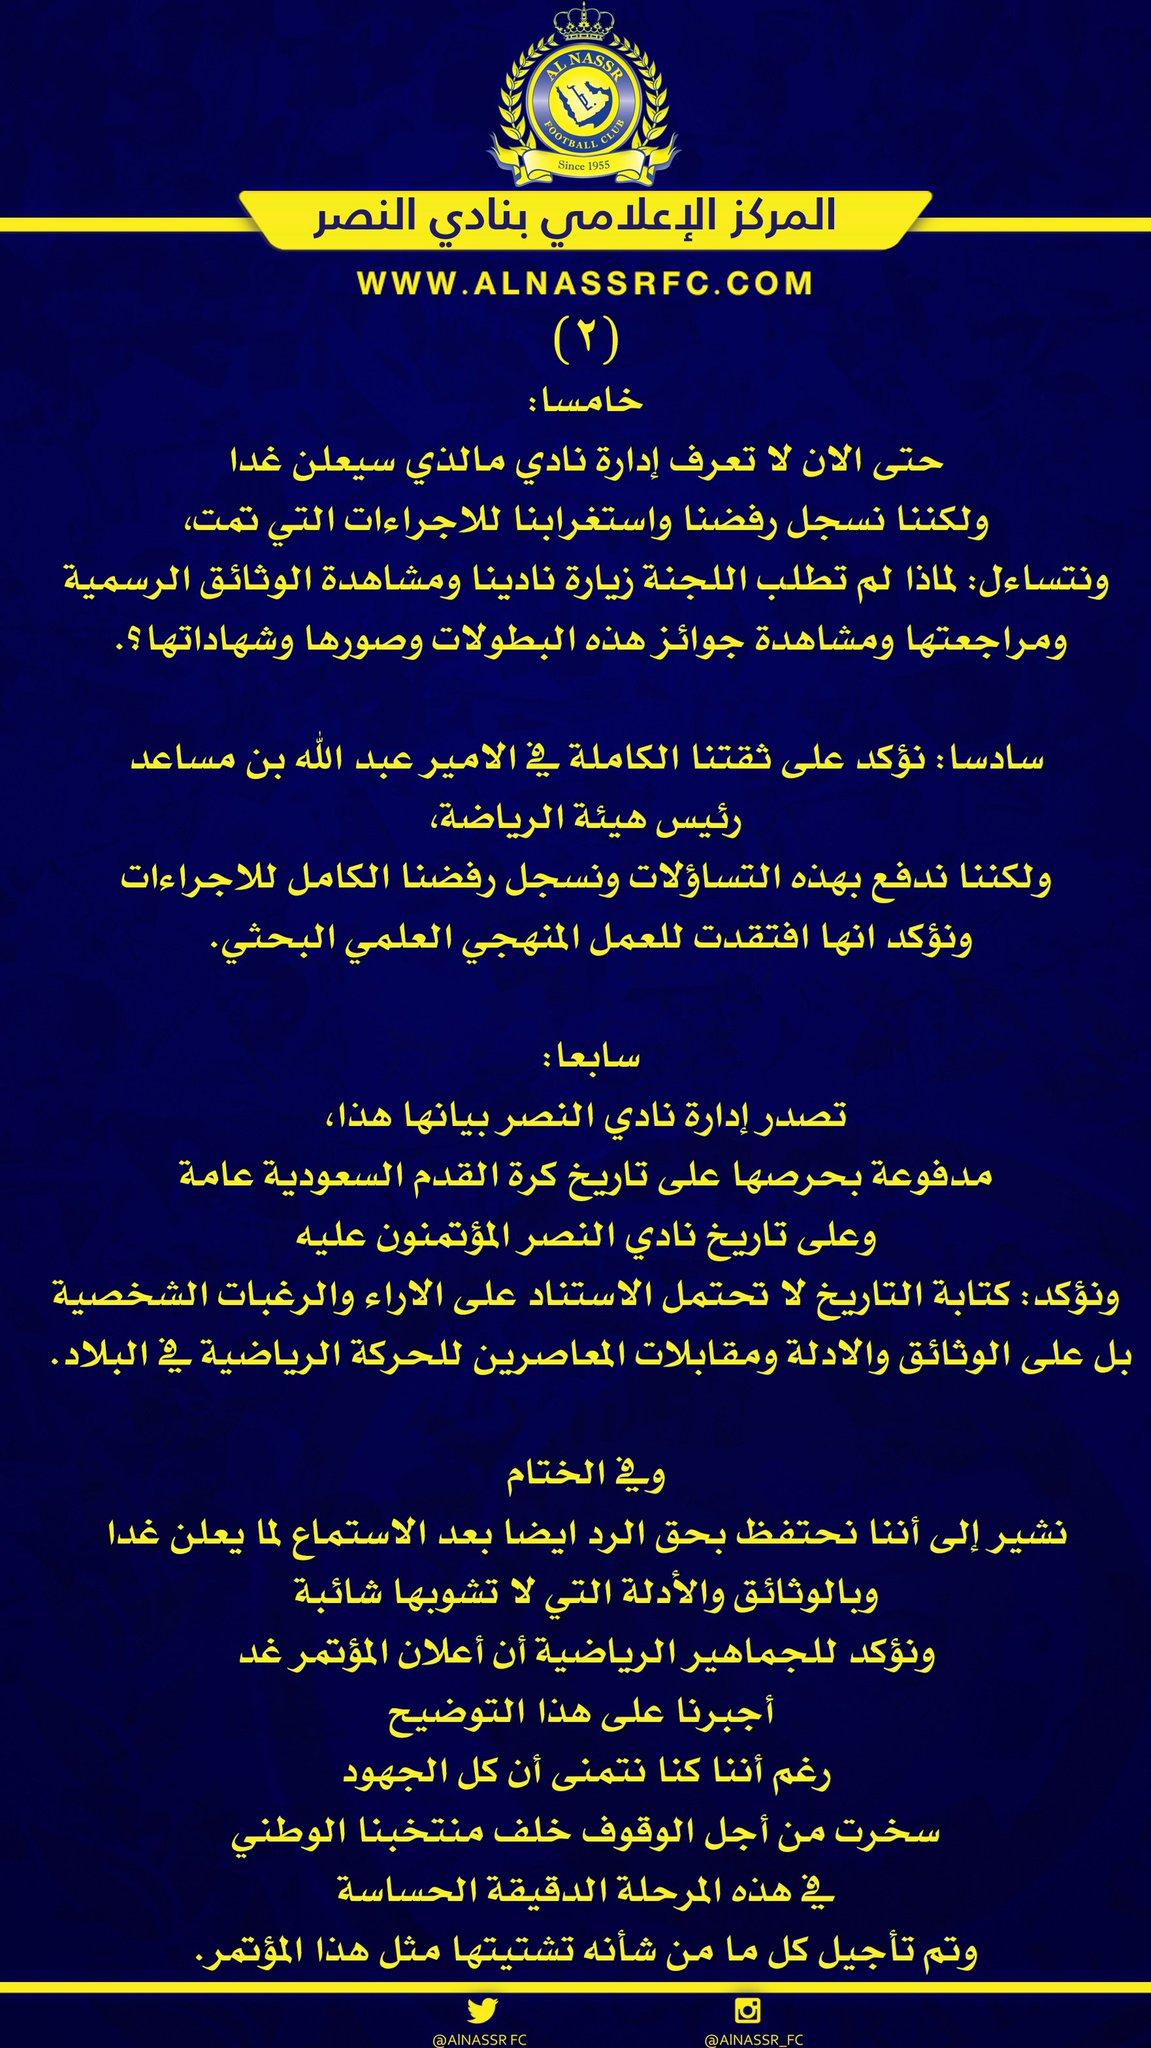 نادي النصر السعودي On Twitter بيــان من إدارة نادي النصر بشأن موضوع توثيق البطولات